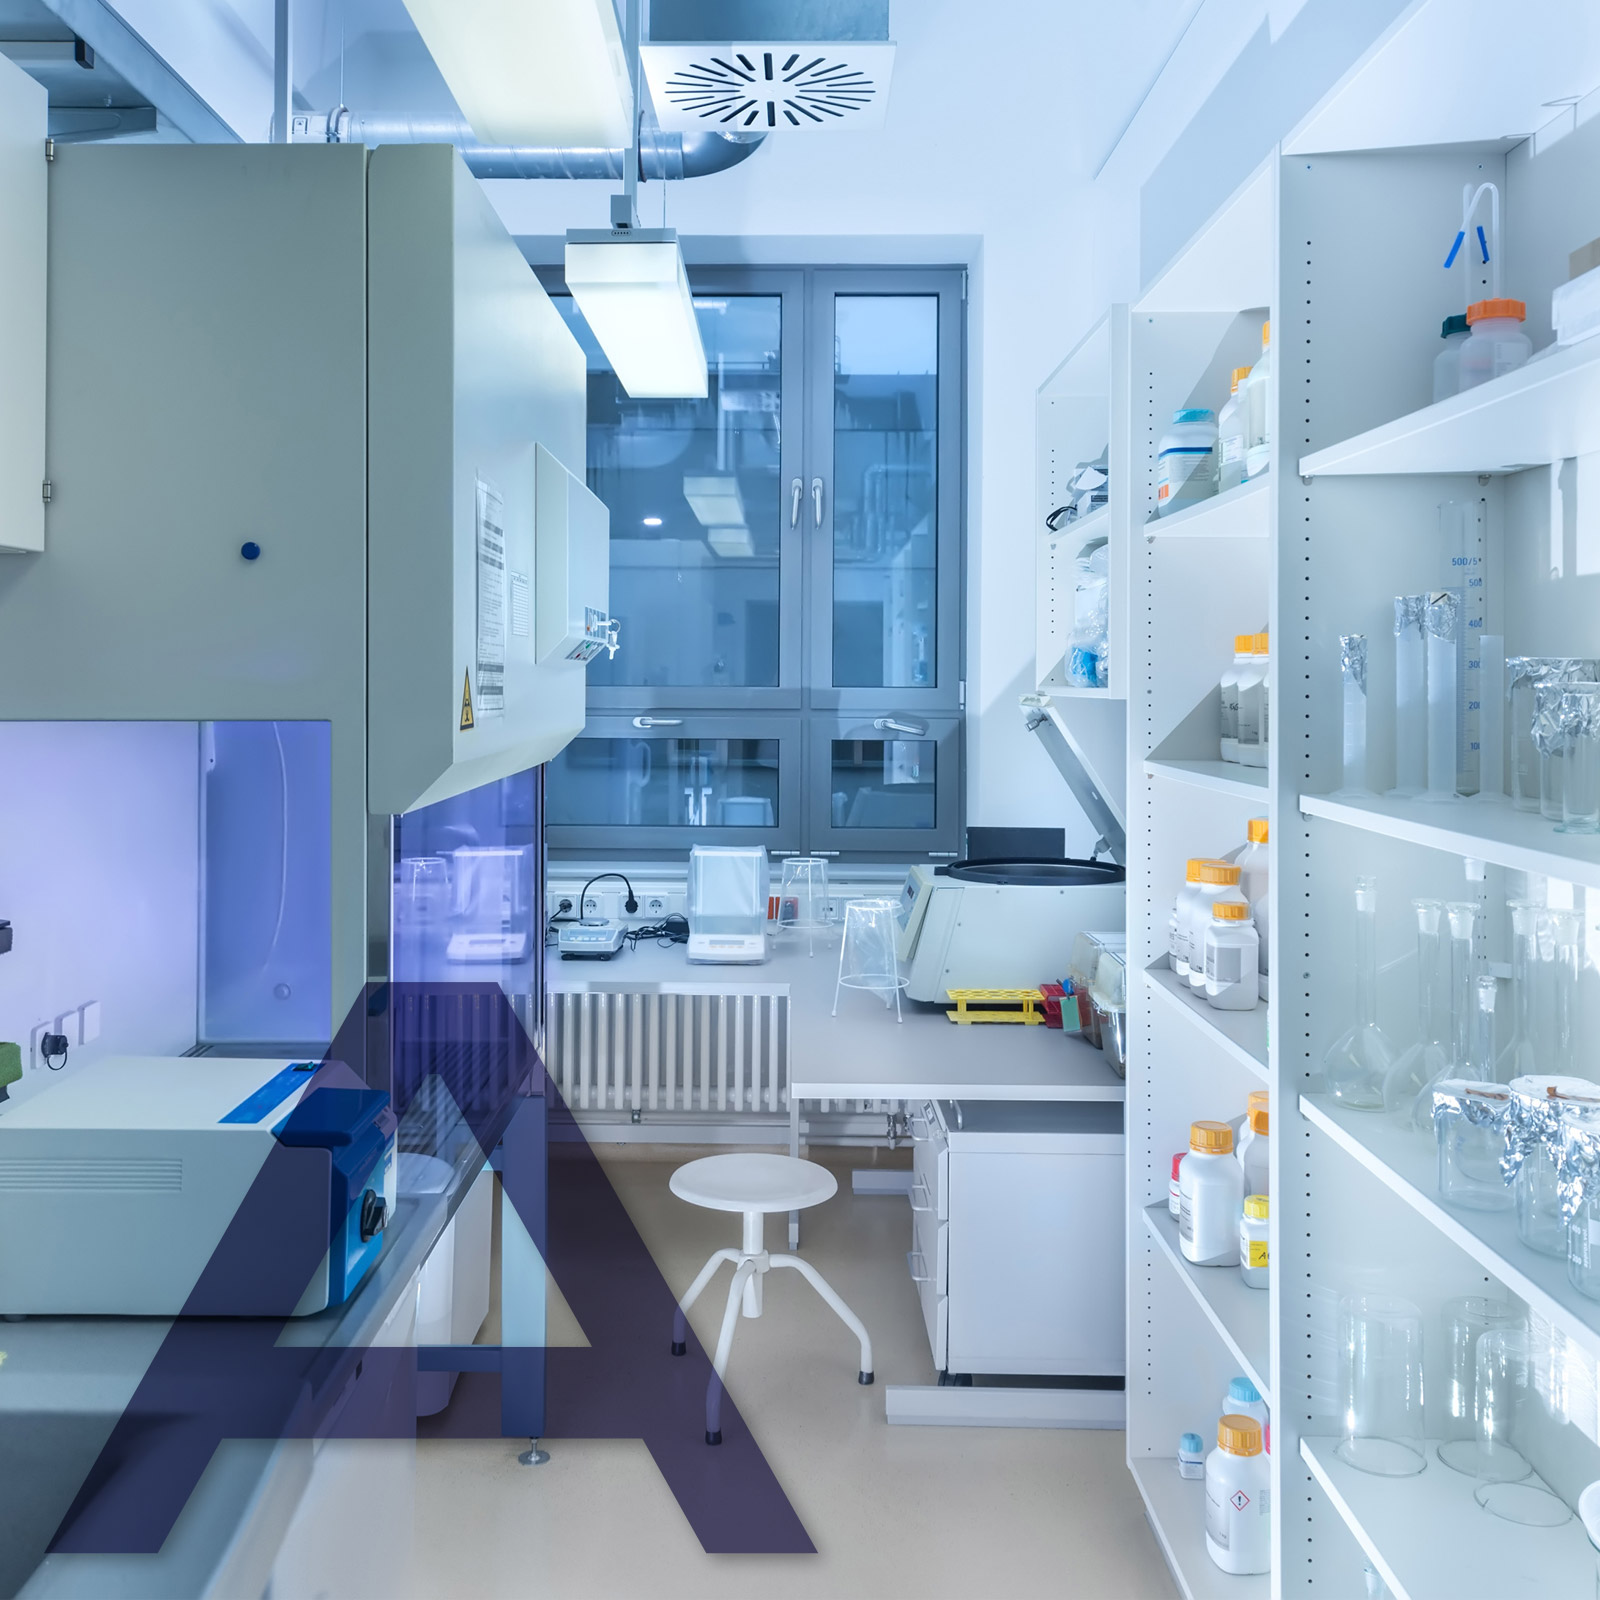 IDEA CONCEPTION : Agencement de laboratories, équipement de sécurité